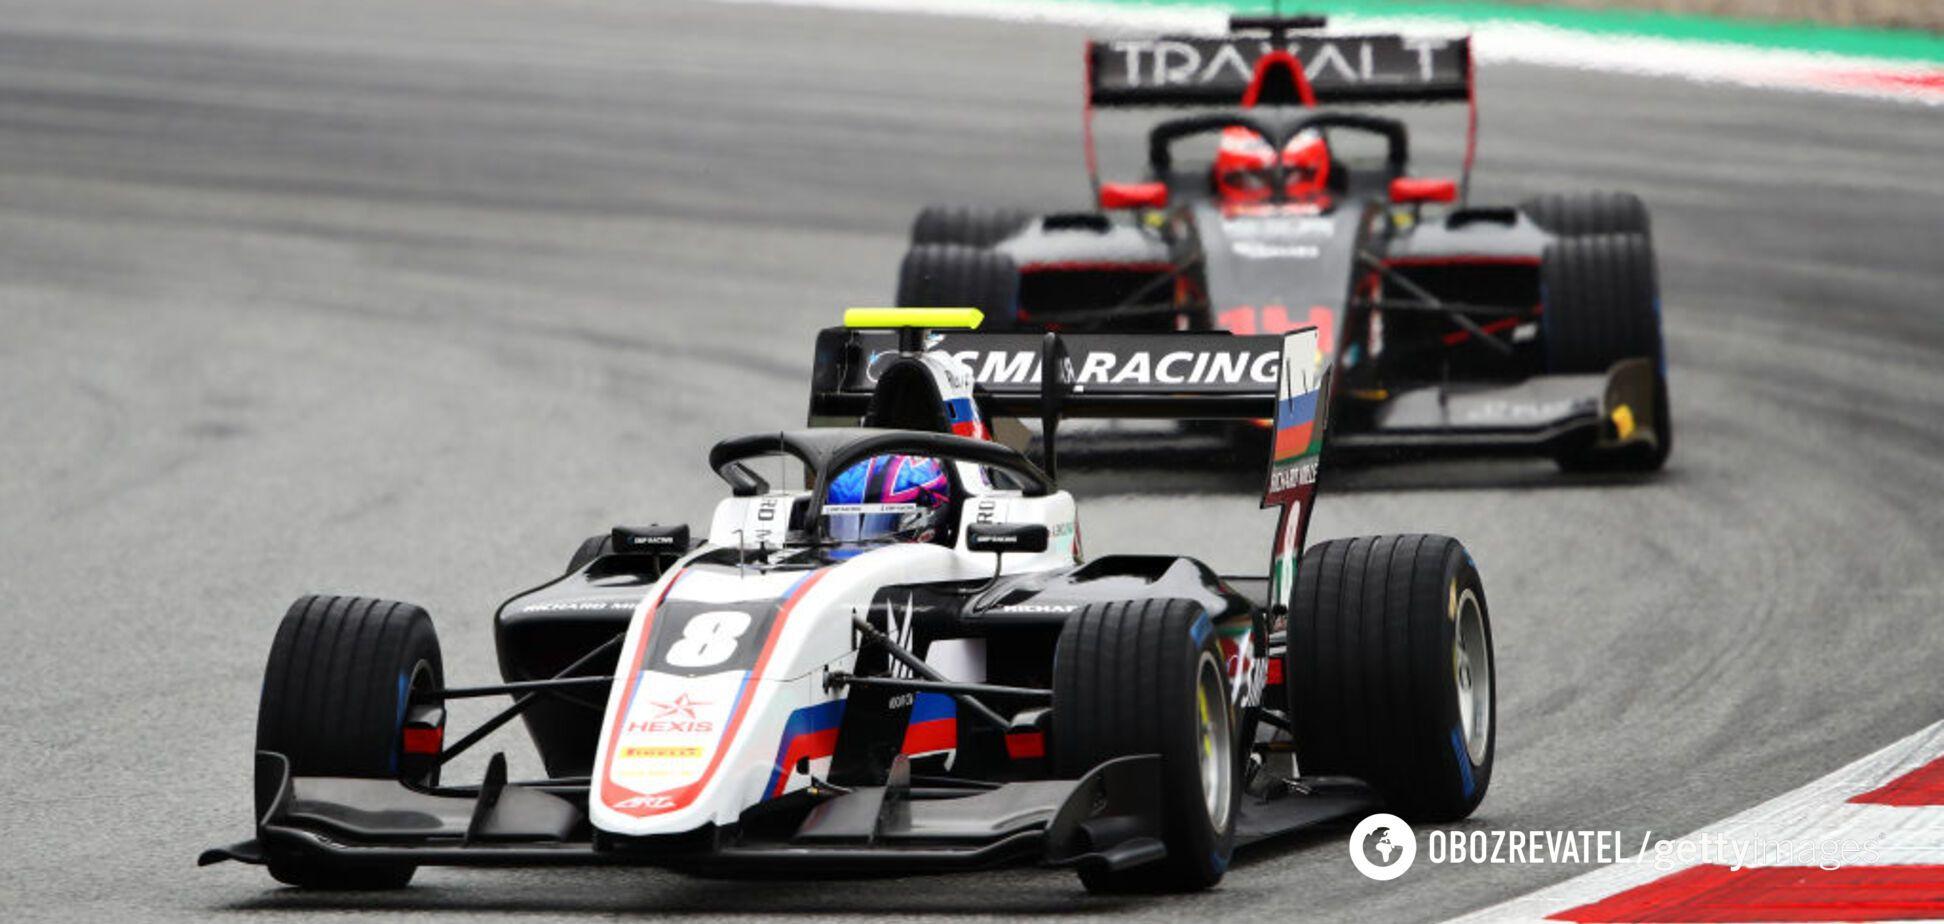 Где смотреть Гран-при Испании: расписание трансляций Формулы-1